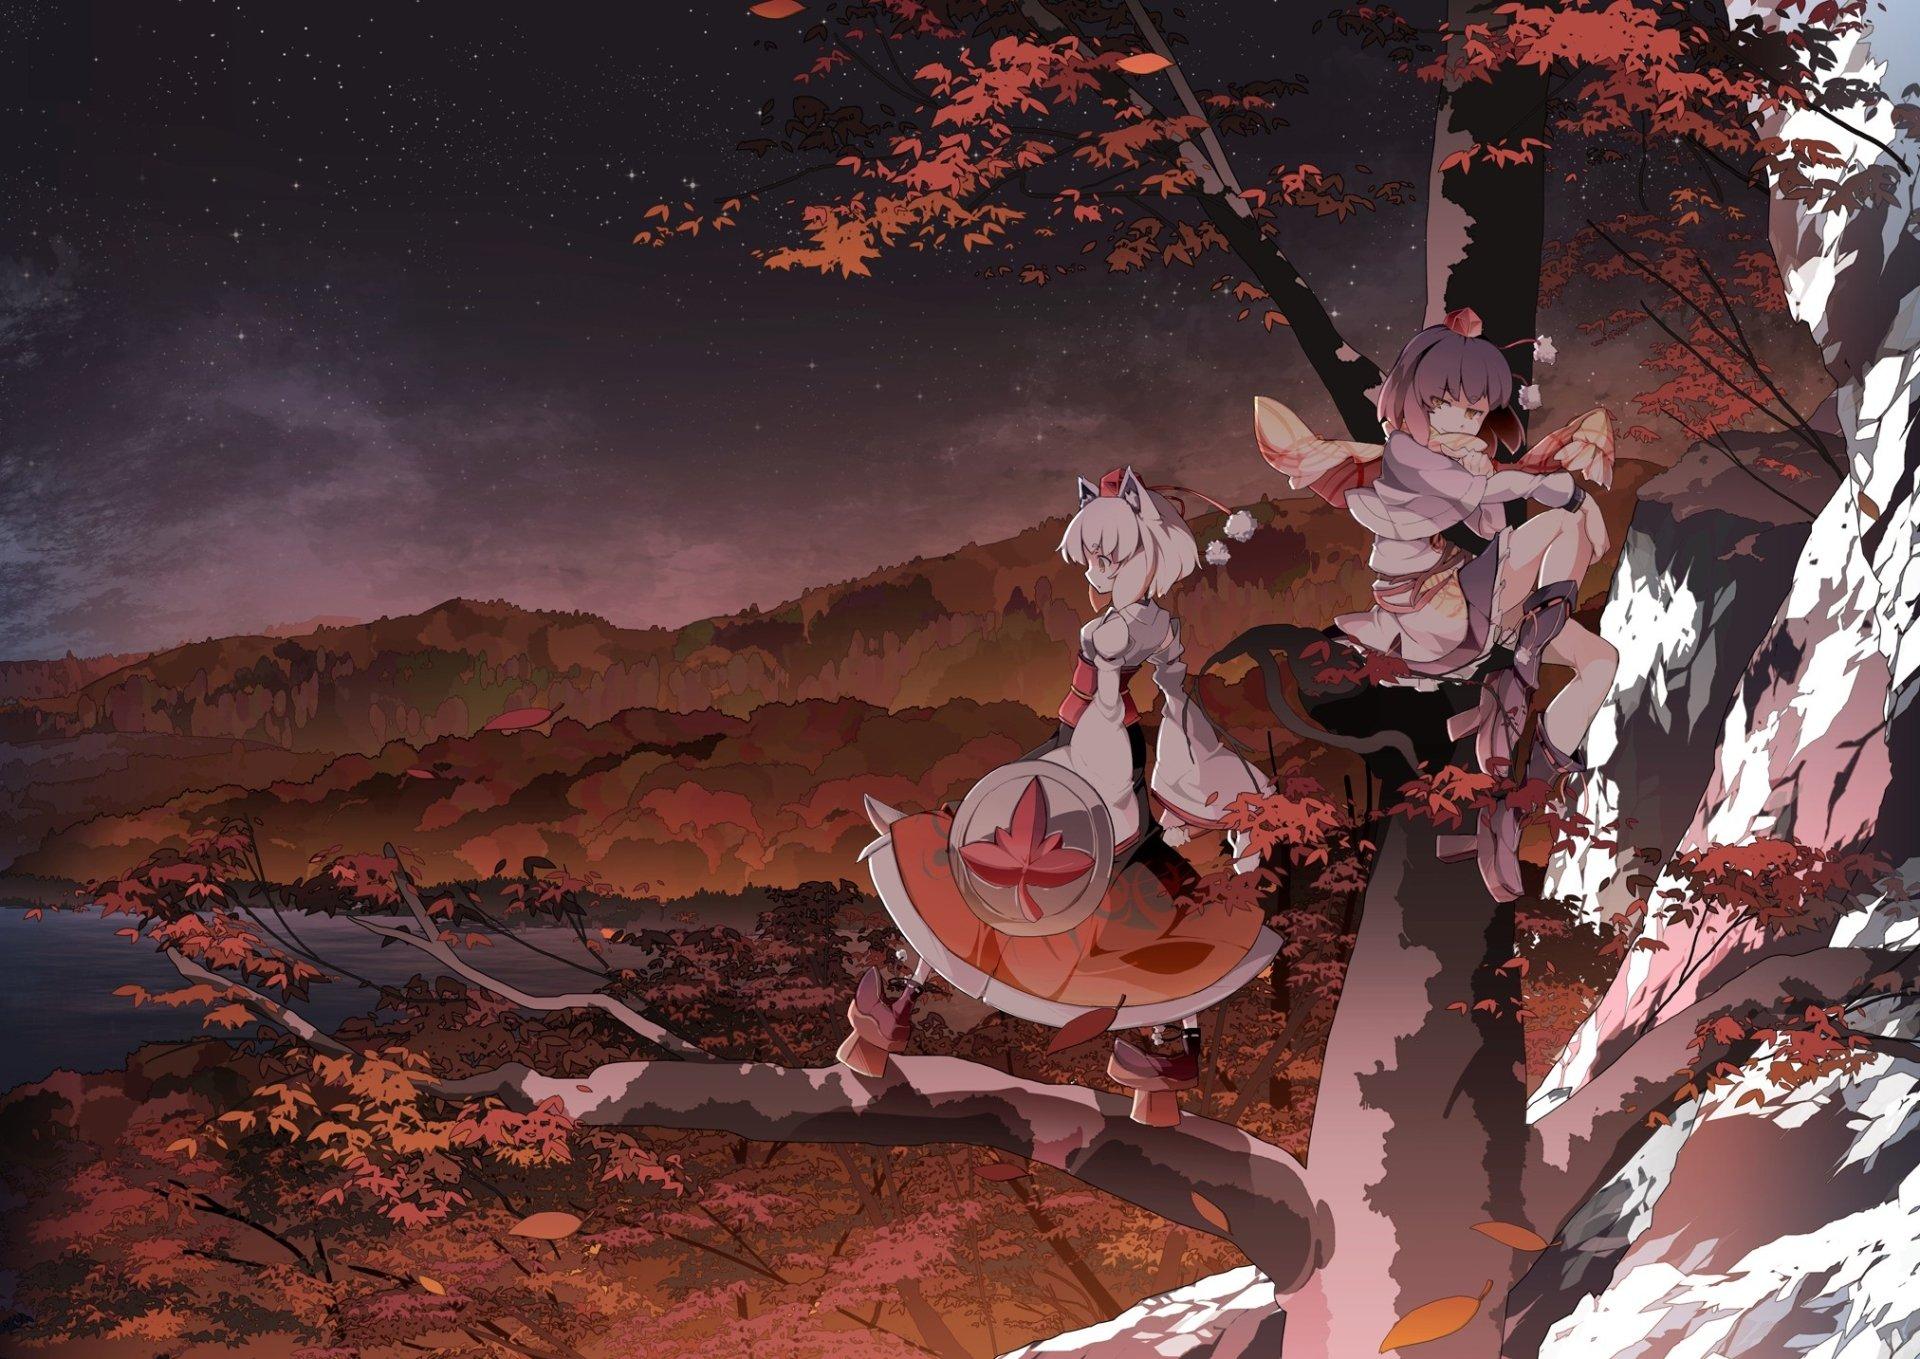 Anime - Touhou  Momiji Inubashiri Aya Shameimaru Wallpaper